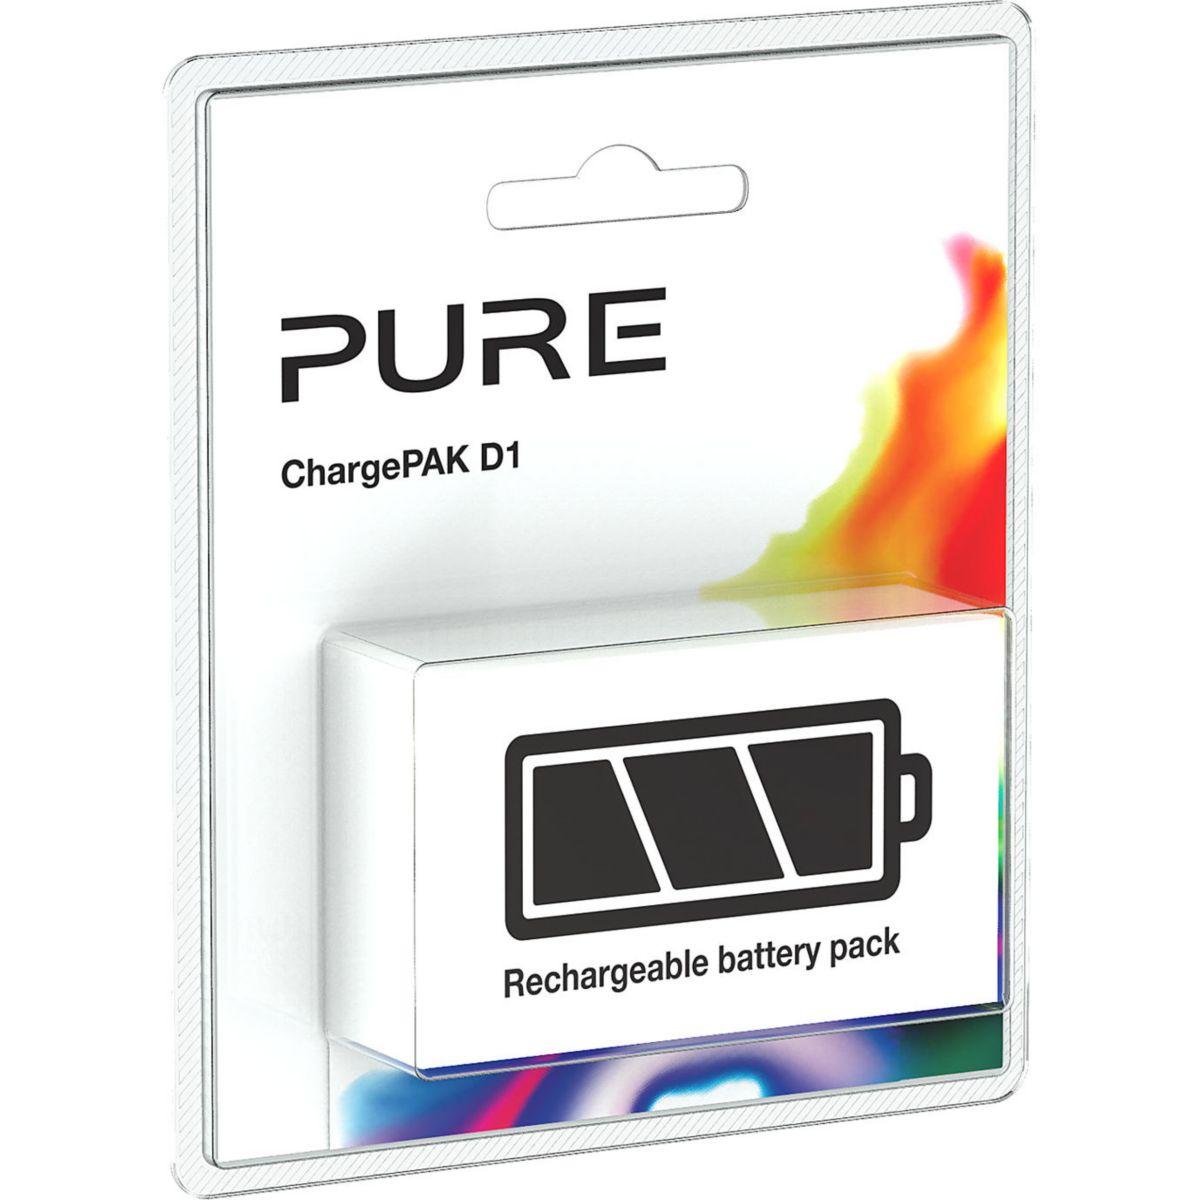 Batterie radio pure chargepak d1 - 15% de remise imm�diate avec le code : fete15 (photo)